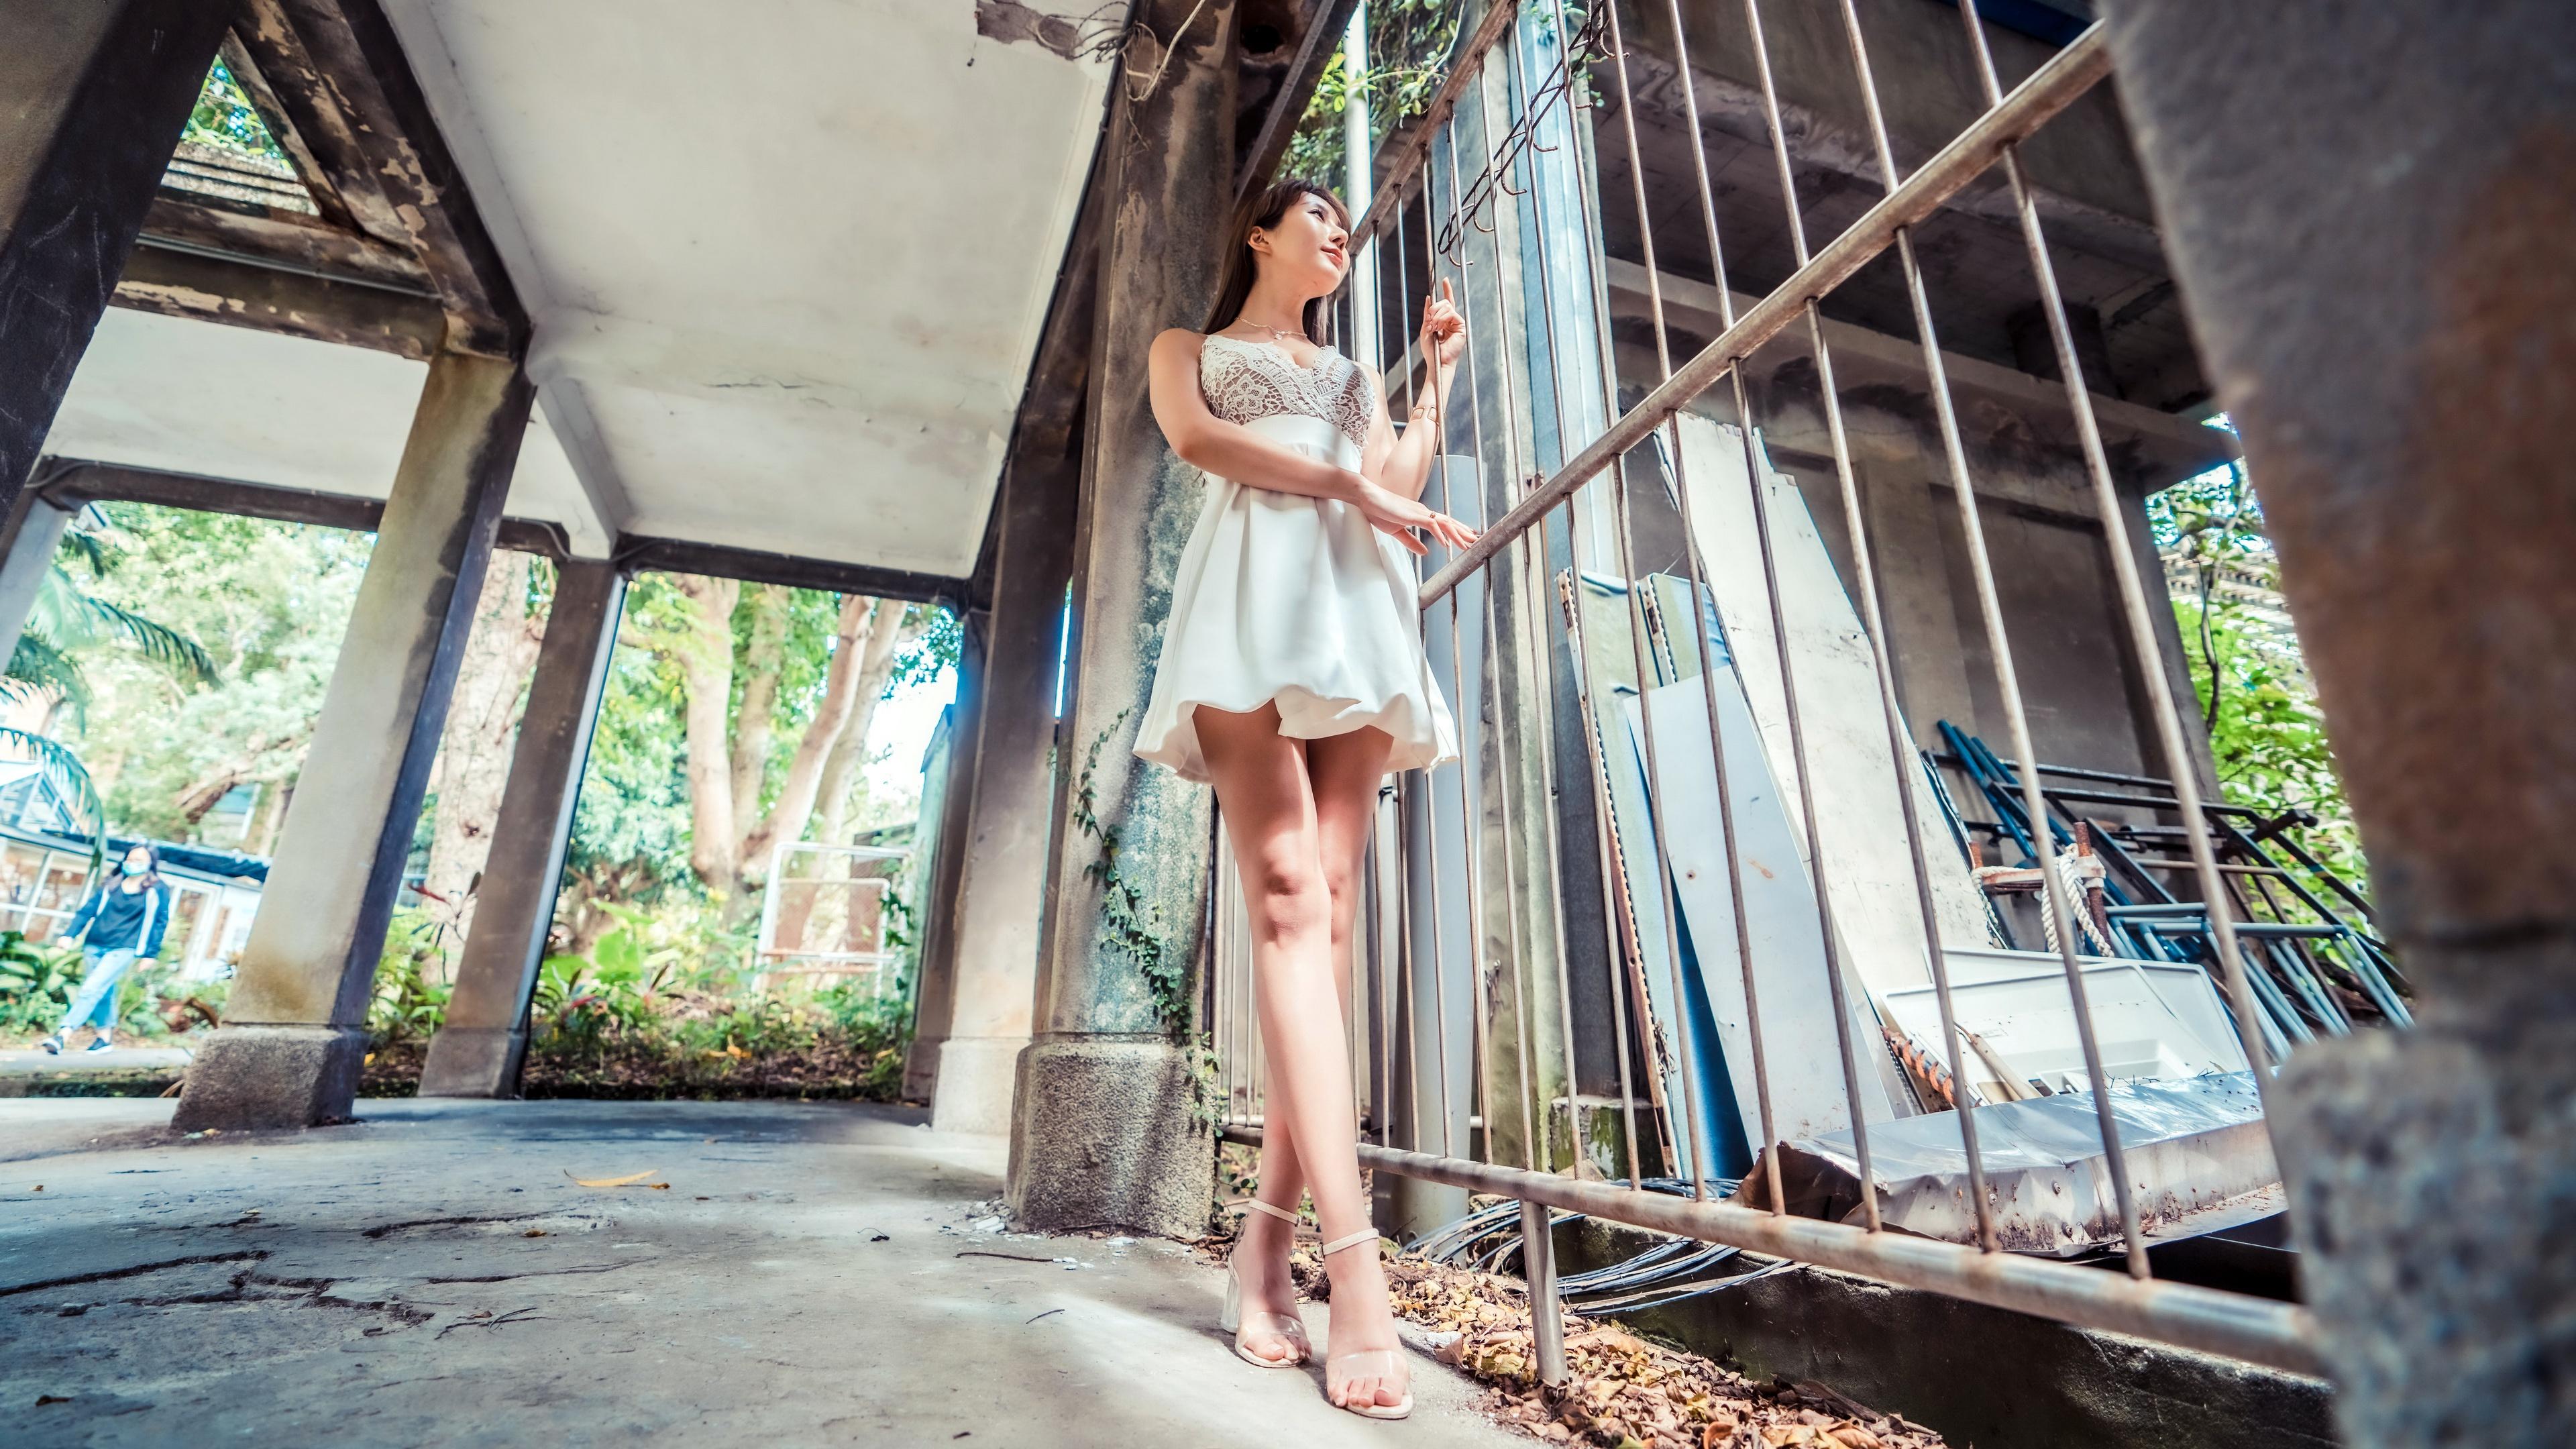 Immagine Bruna ragazza giovane donna Asiatici Le gambe Recinzione Braccia Vestito Scarpe con tacco ragazza capelli neri ragazza Ragazze giovani donne Siepe asiatico Le mani Abito